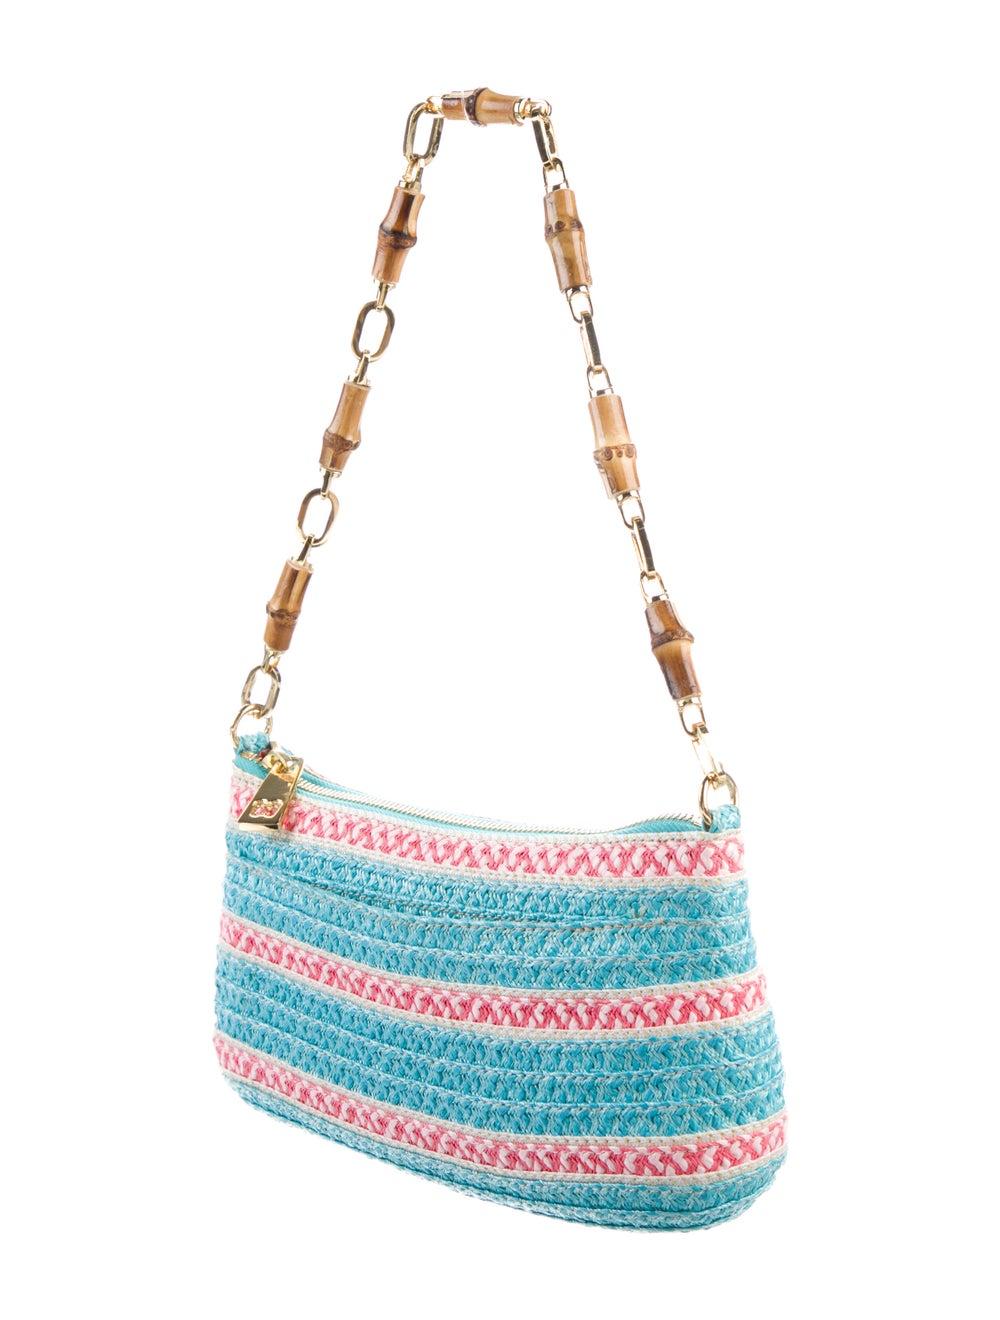 Eric Javits Woven Straw Shoulder Bag Blue - image 3